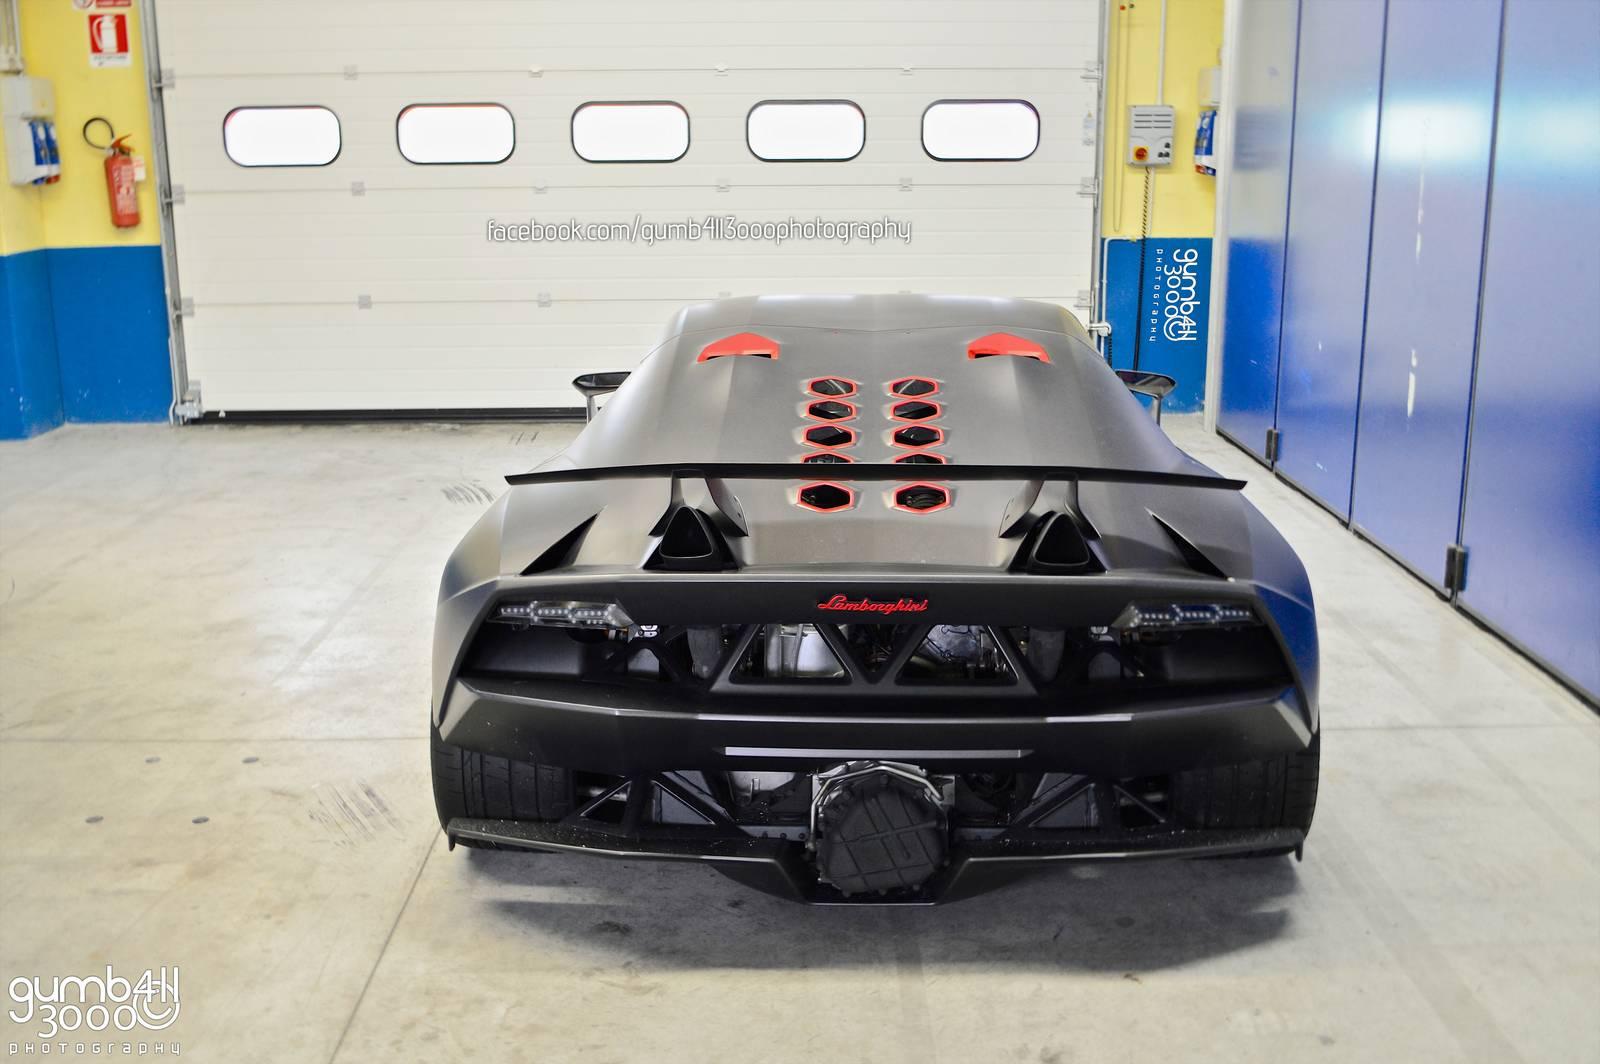 Lamborghini Sesto Elemento In Vallelunga Circuit Garage Gtspirit